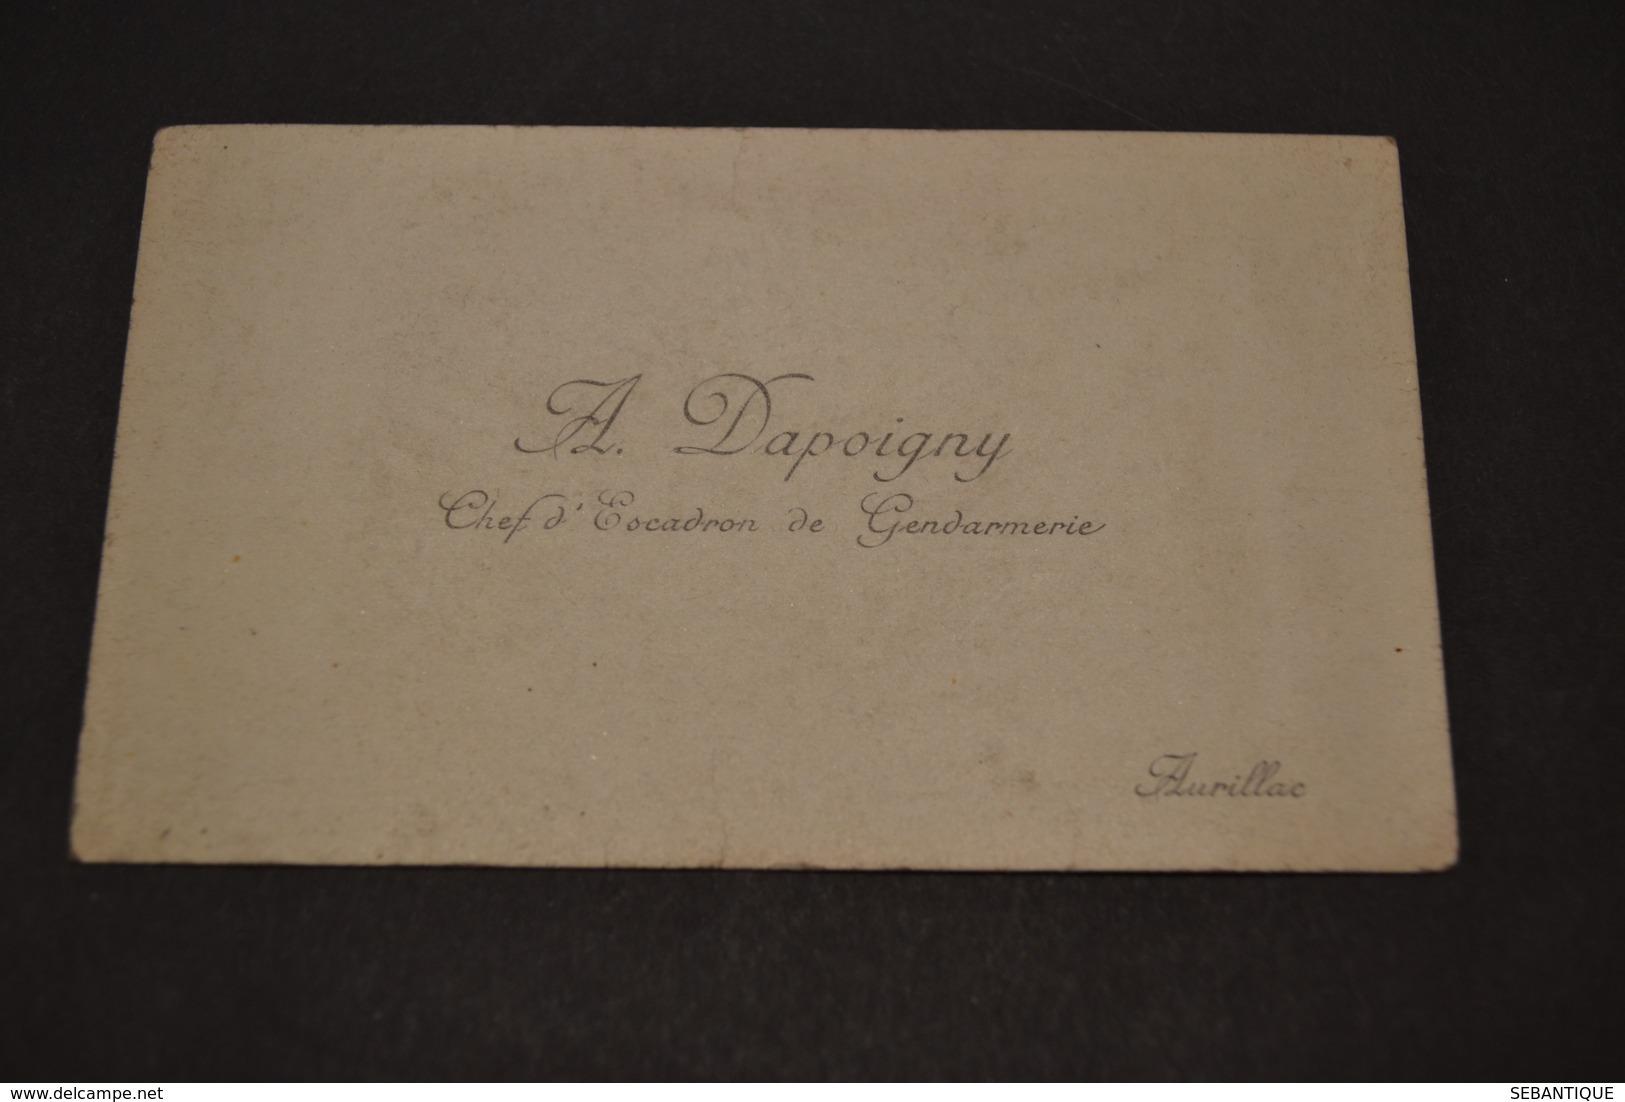 Carte A.Dapoigny Chef D'escadron De Gendarmerie 1920/30 - Cartes De Visite